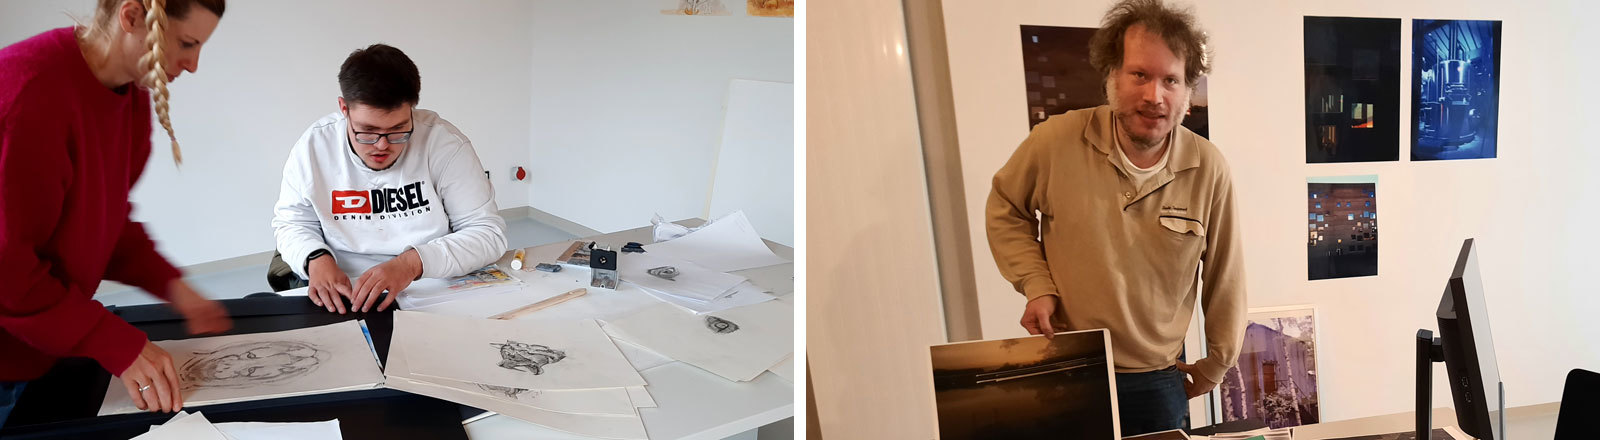 Elias von Martial und Ingo Patzer arbeiten als Künstler im Kunsthaus.